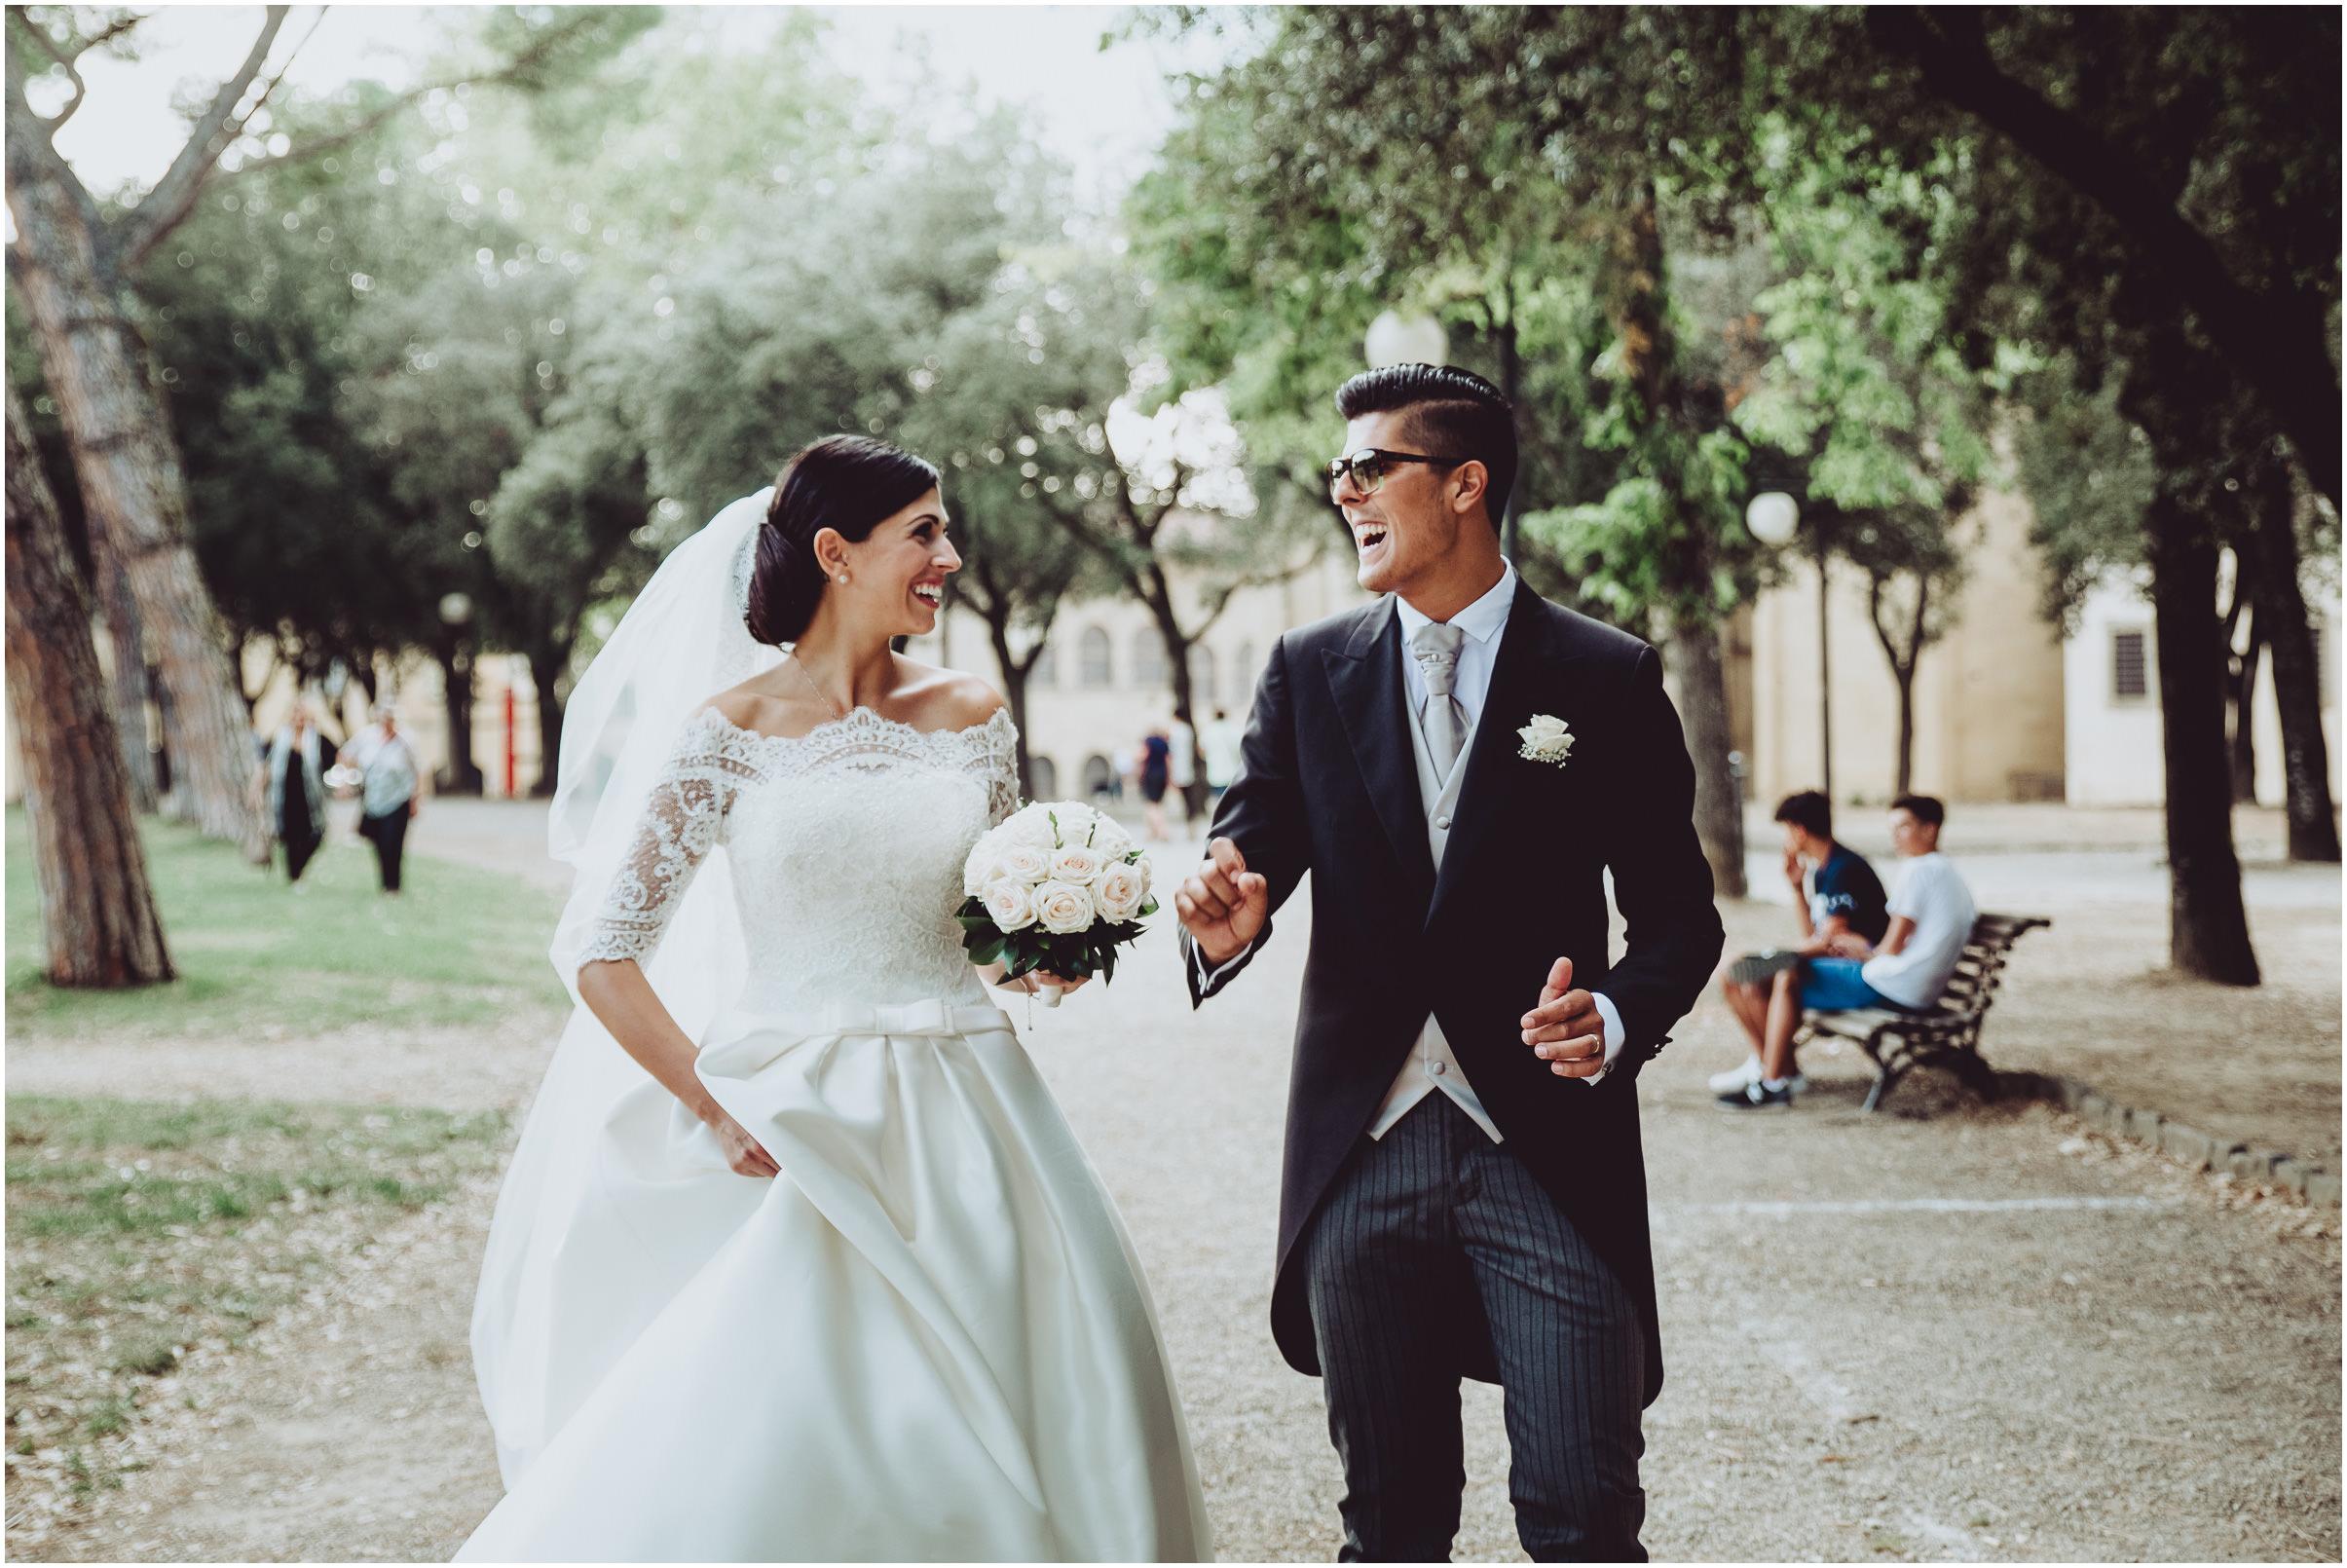 WEDDING-PHOTOGRAPHY-SARA-LORENZONI-FOTOGRAFIA-MATRIMONIO-AREZZO-TUSCANY-EVENTO-LE-SPOSE-DI-GIANNI-ELISA-LUCA030